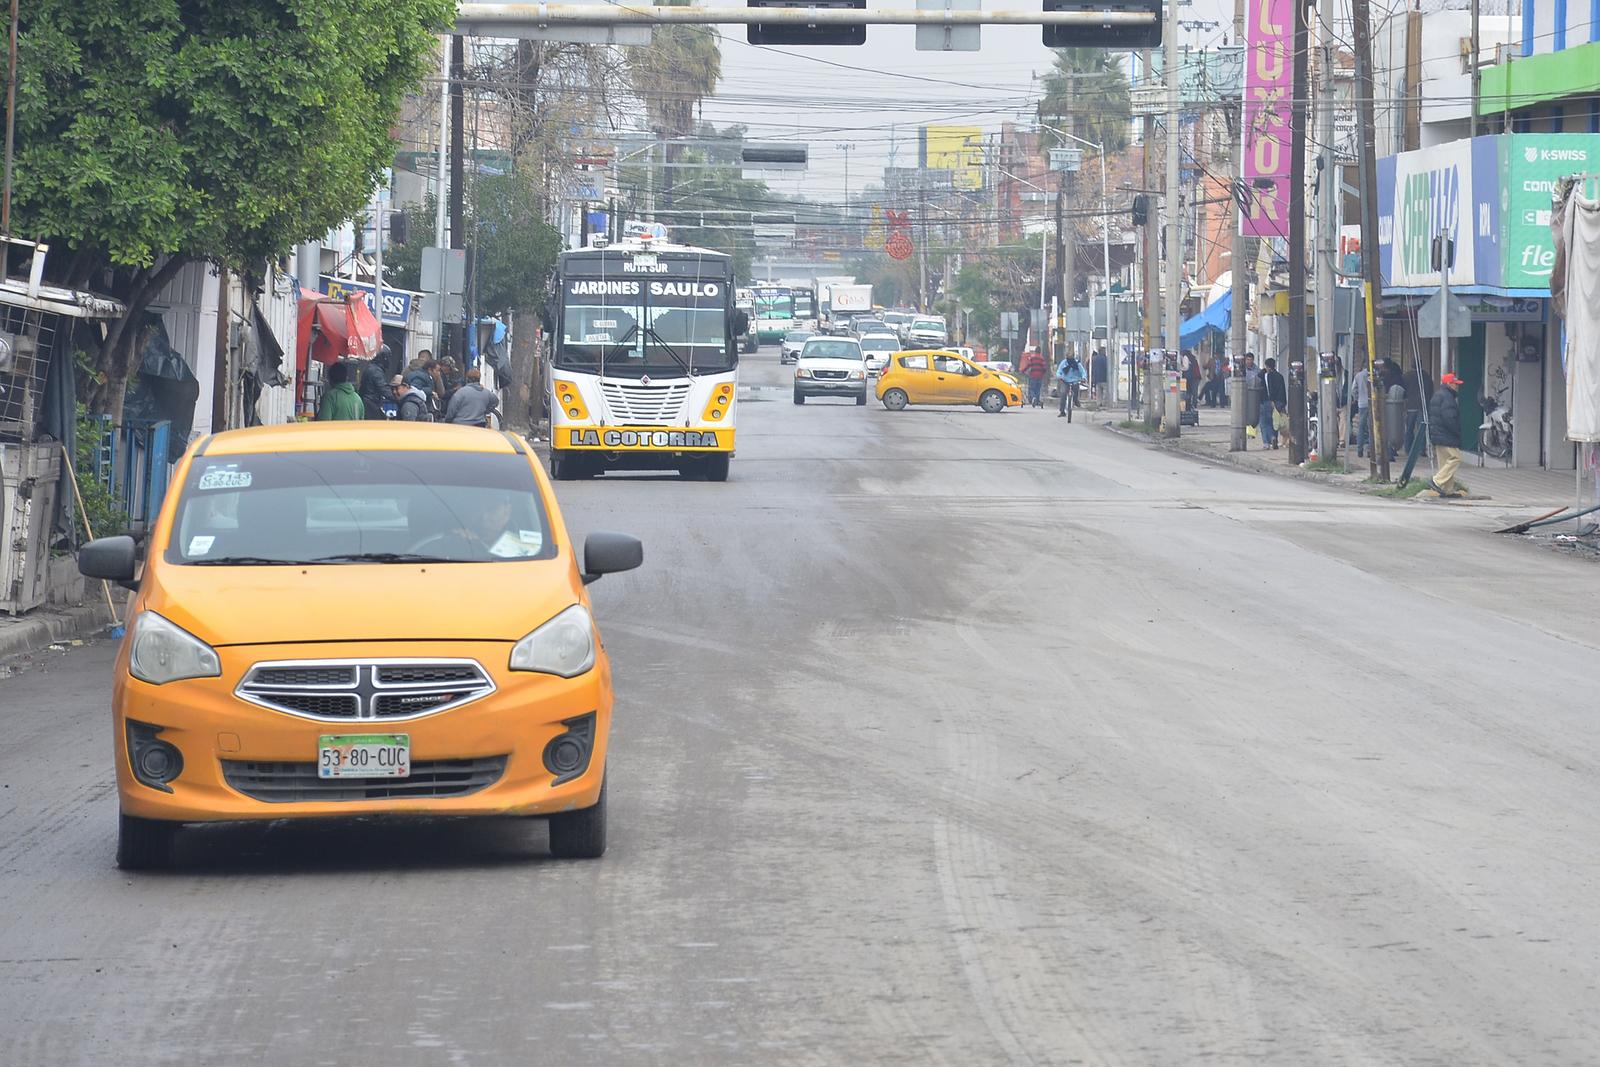 Conflicto. Locatarios del mercado Alianza no quieren la instalación de paraderos del Metrobús a mitad de la vialidad. Dicen que les van a